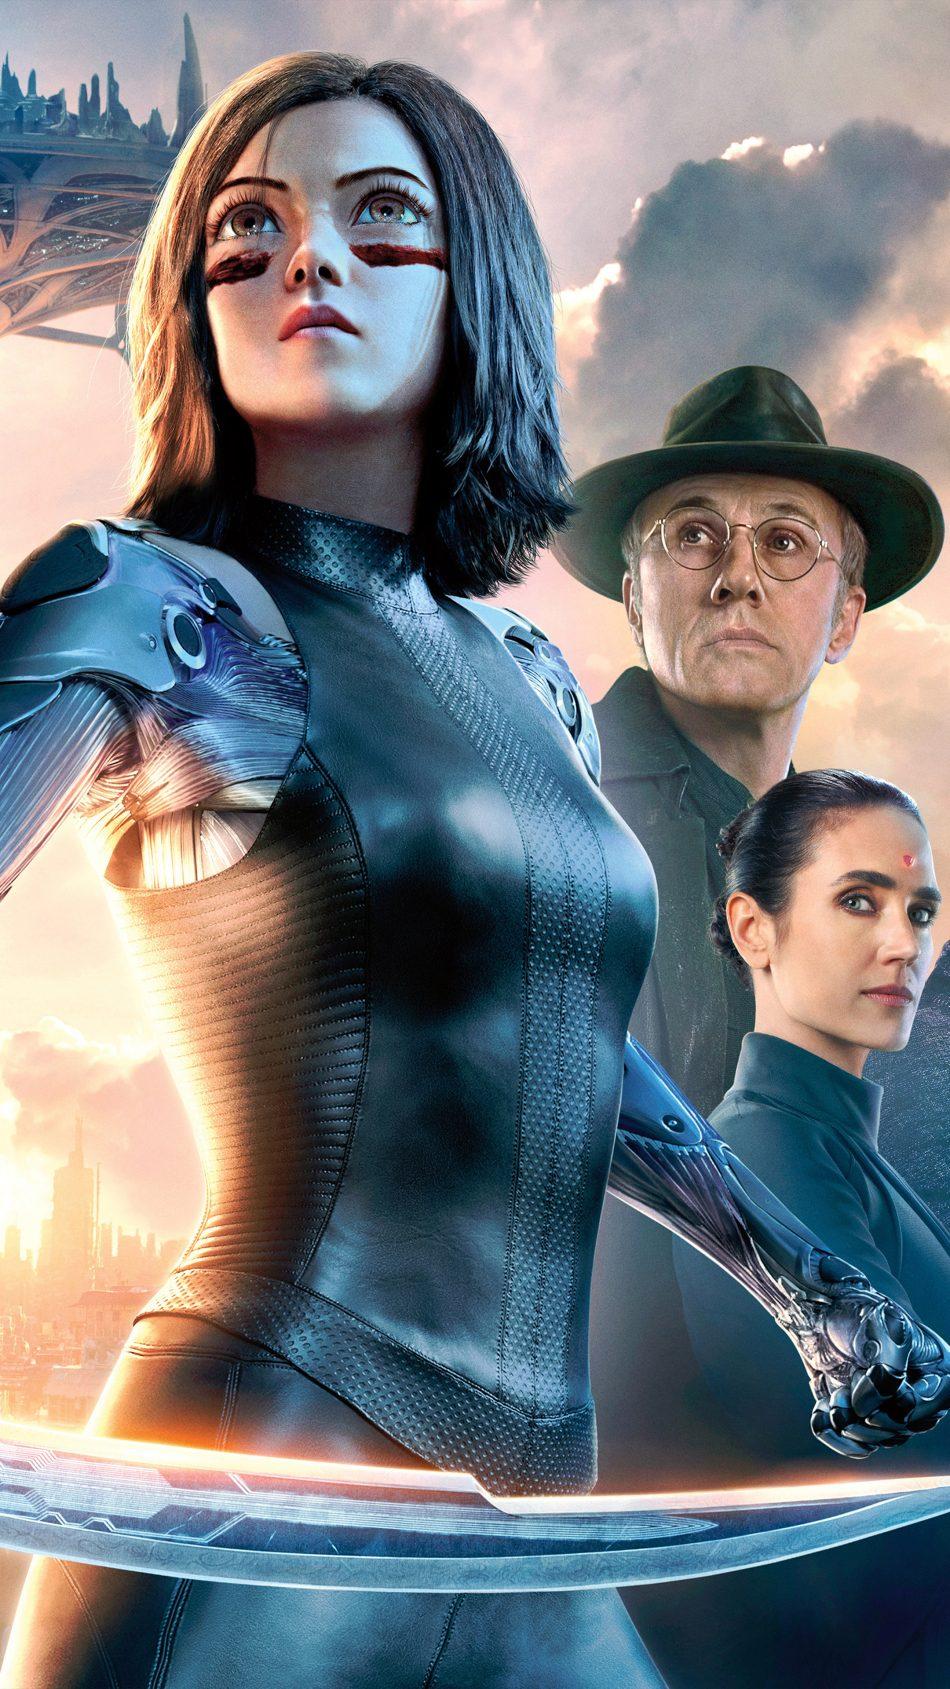 Alita Battle Angel Sci Fi Movie 2019 4K Ultra HD Mobile Wallpaper